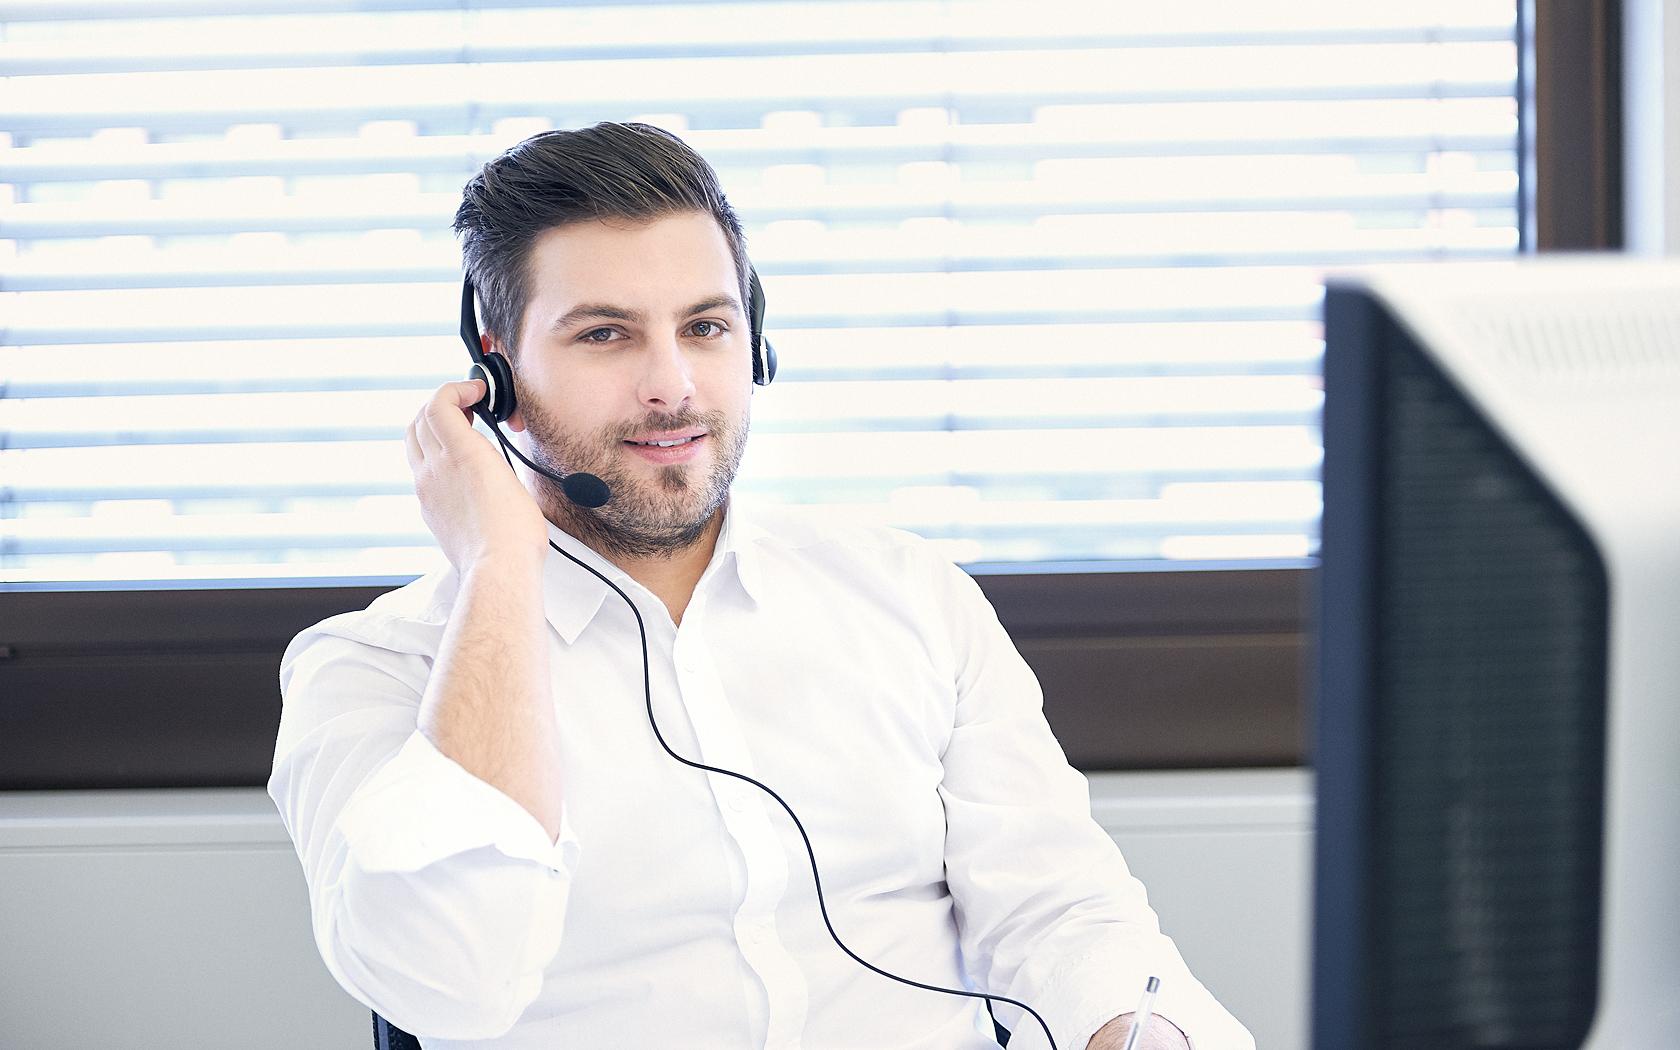 Callcenteragent mit Dreitagebart weissem Hemd und Headset, sitzt am Computer und blickt direkt in die Kamera